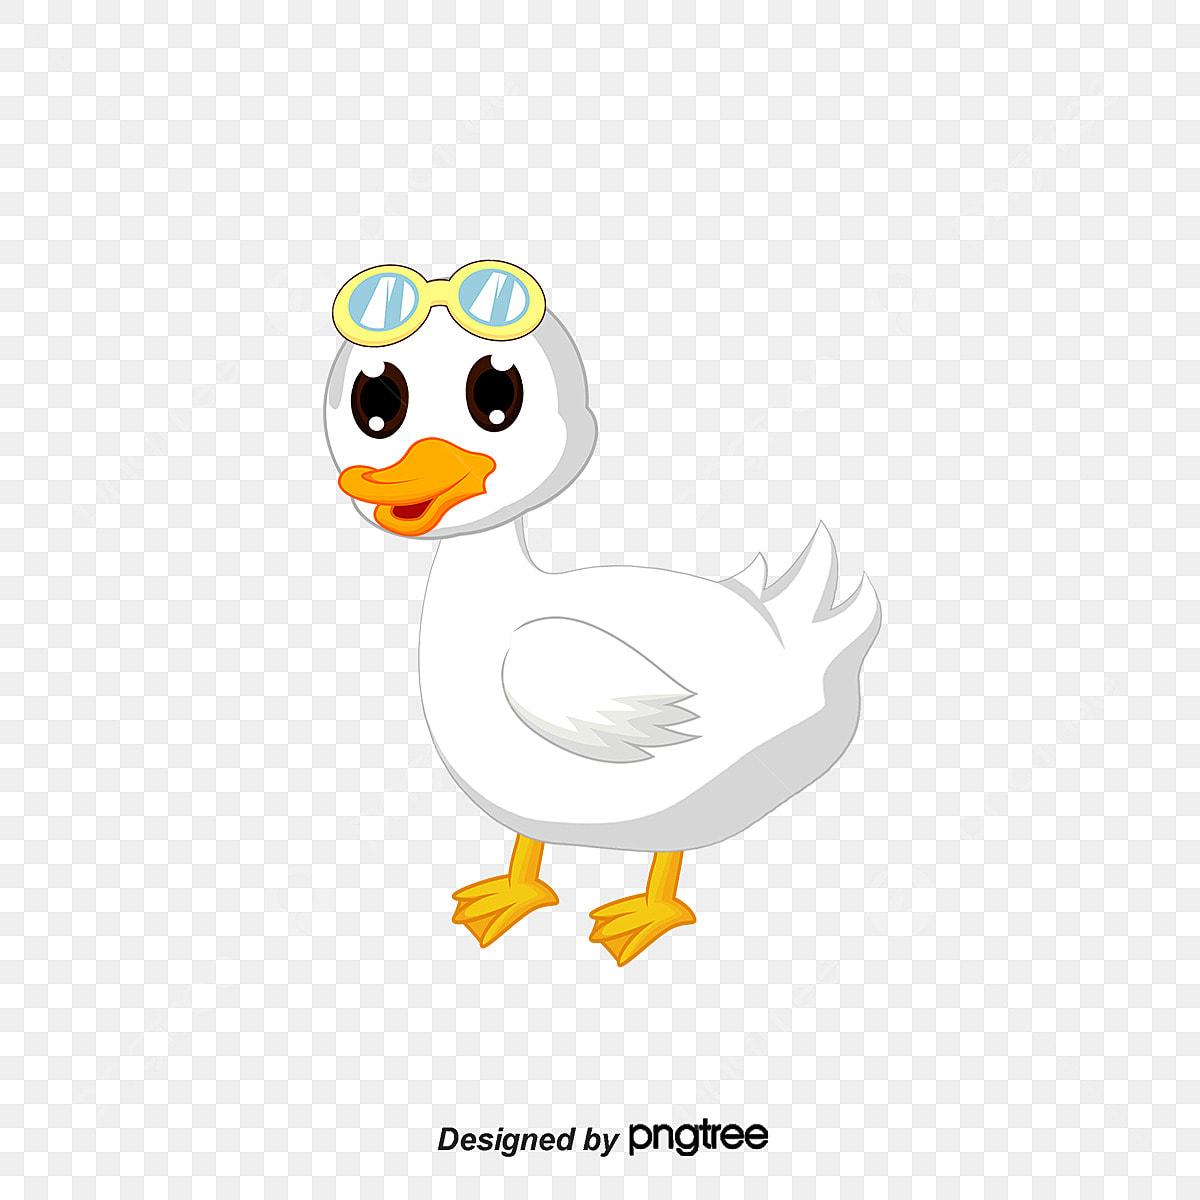 Gambar Pakai Kacamata Putih Itik Gaya Kartun Sedikit Sayap Putih Png Dan Psd Untuk Muat Turun Percuma